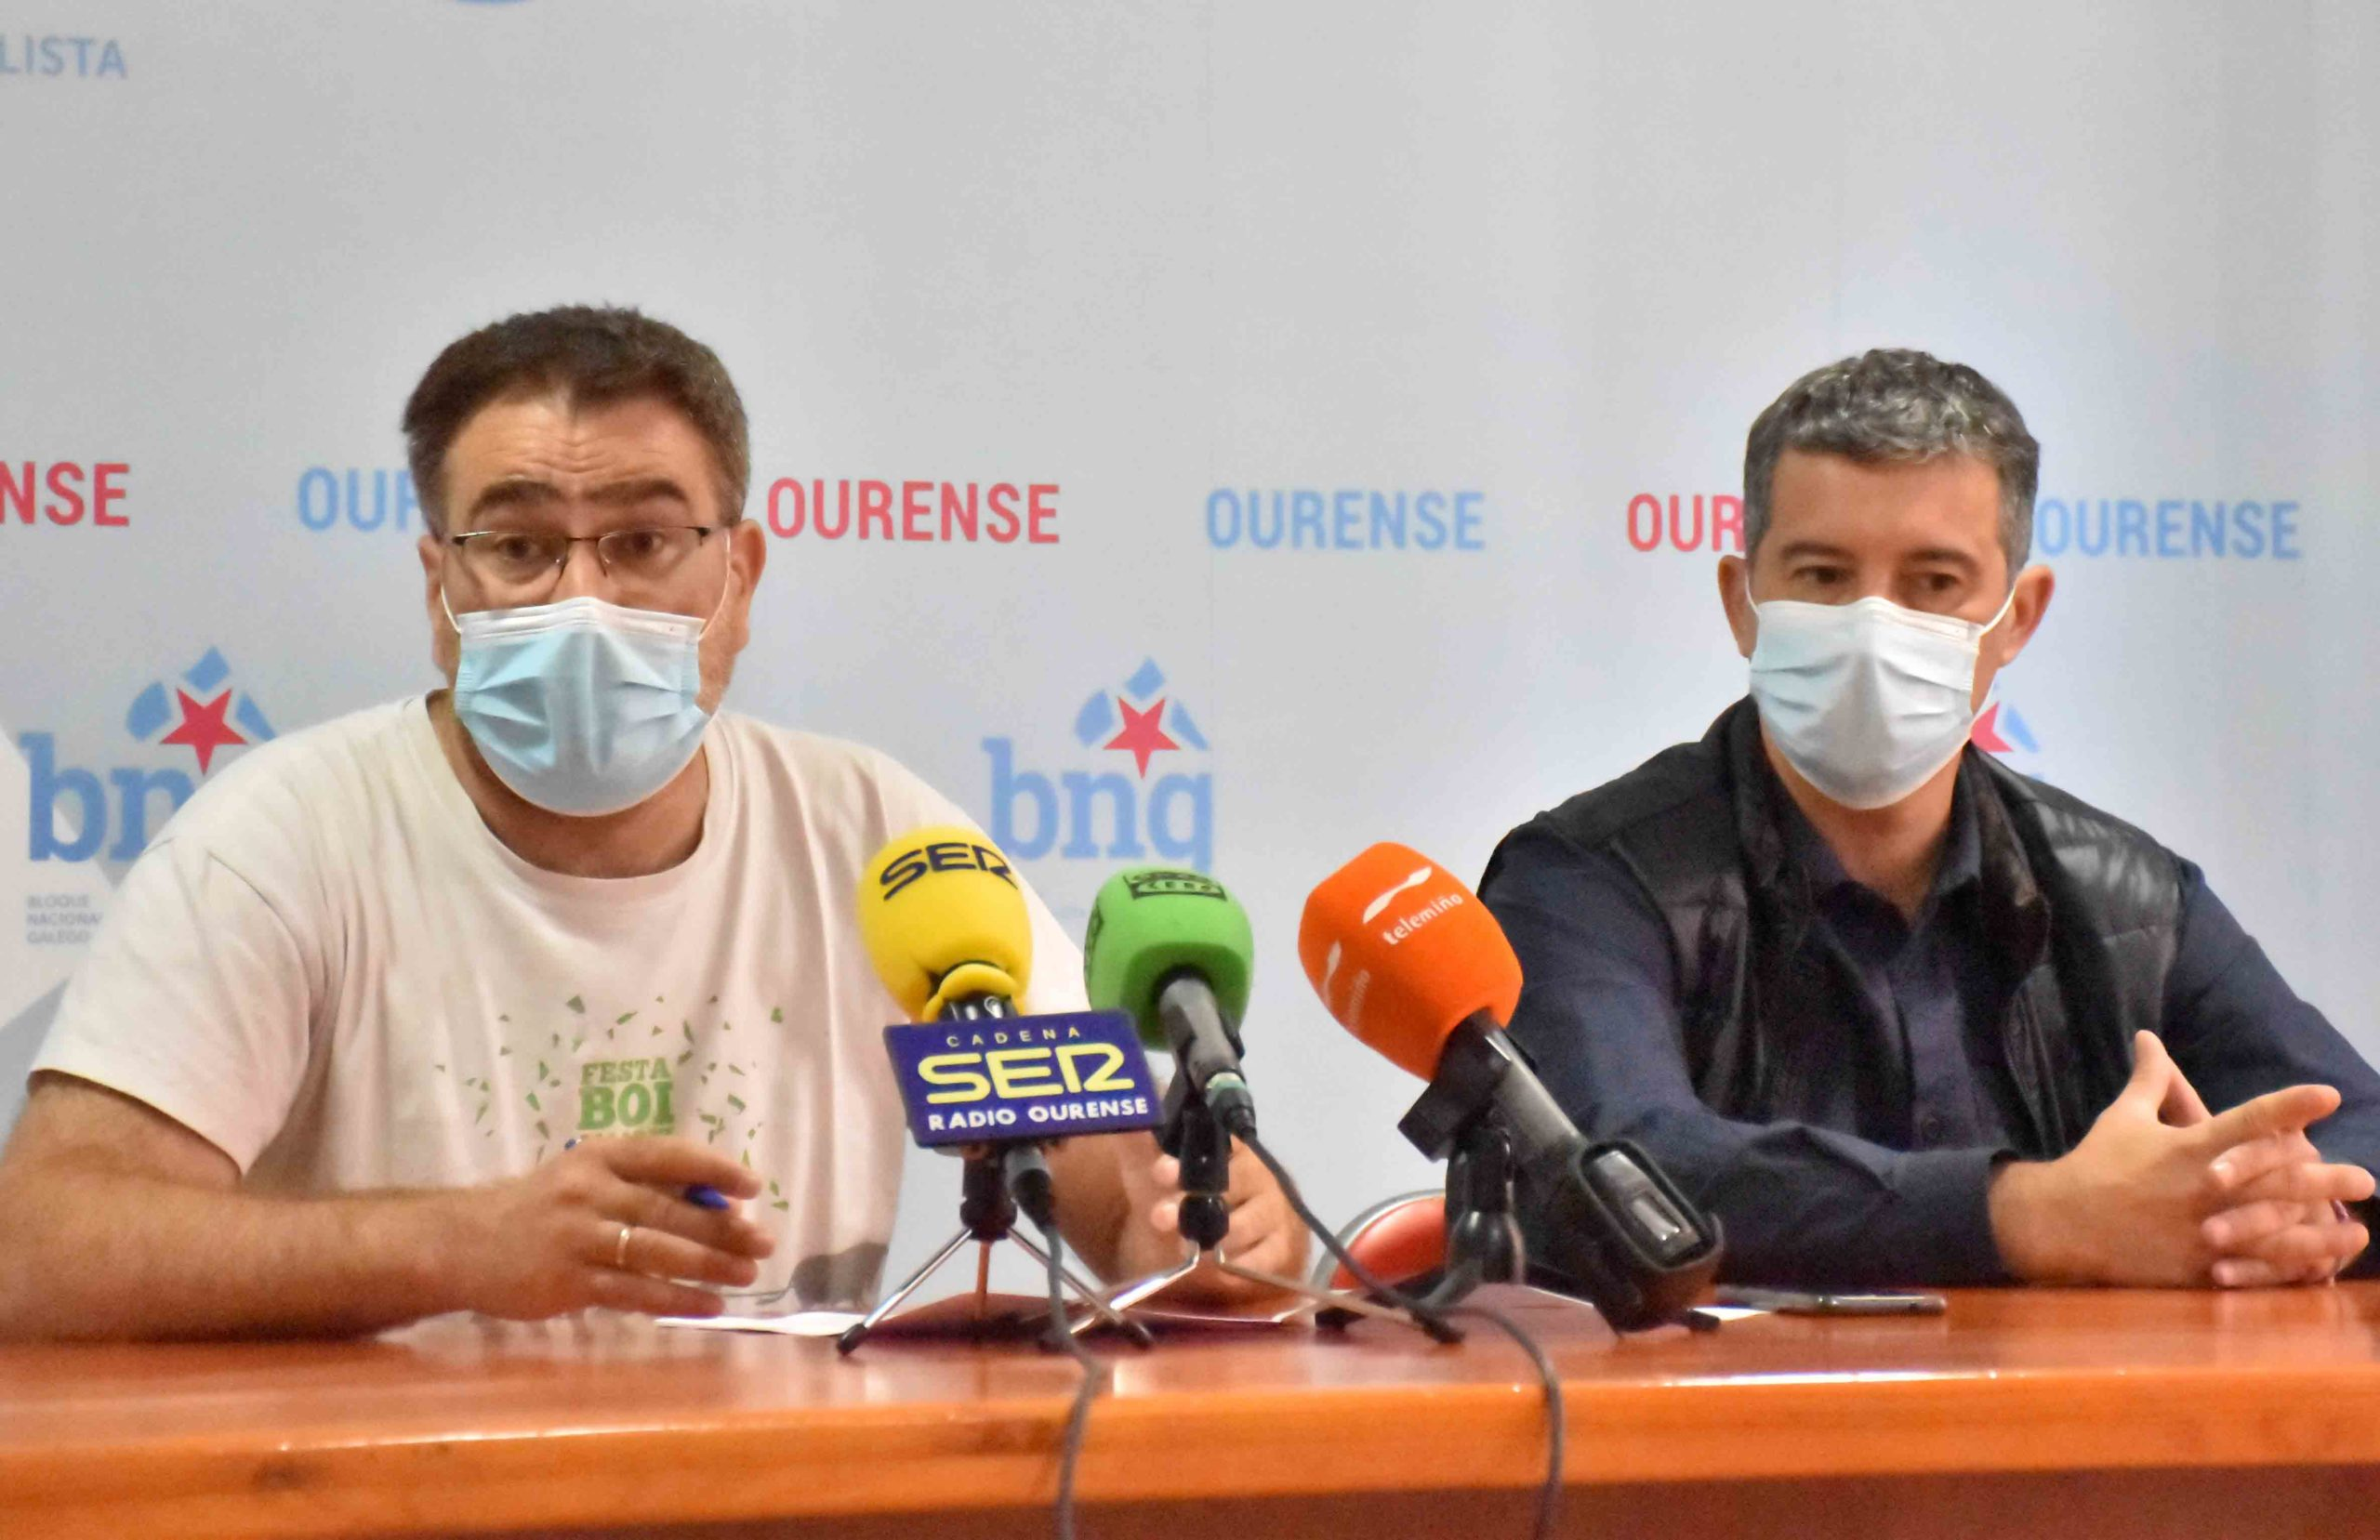 El BNG demanda una planificación política patrimonial para Ourense